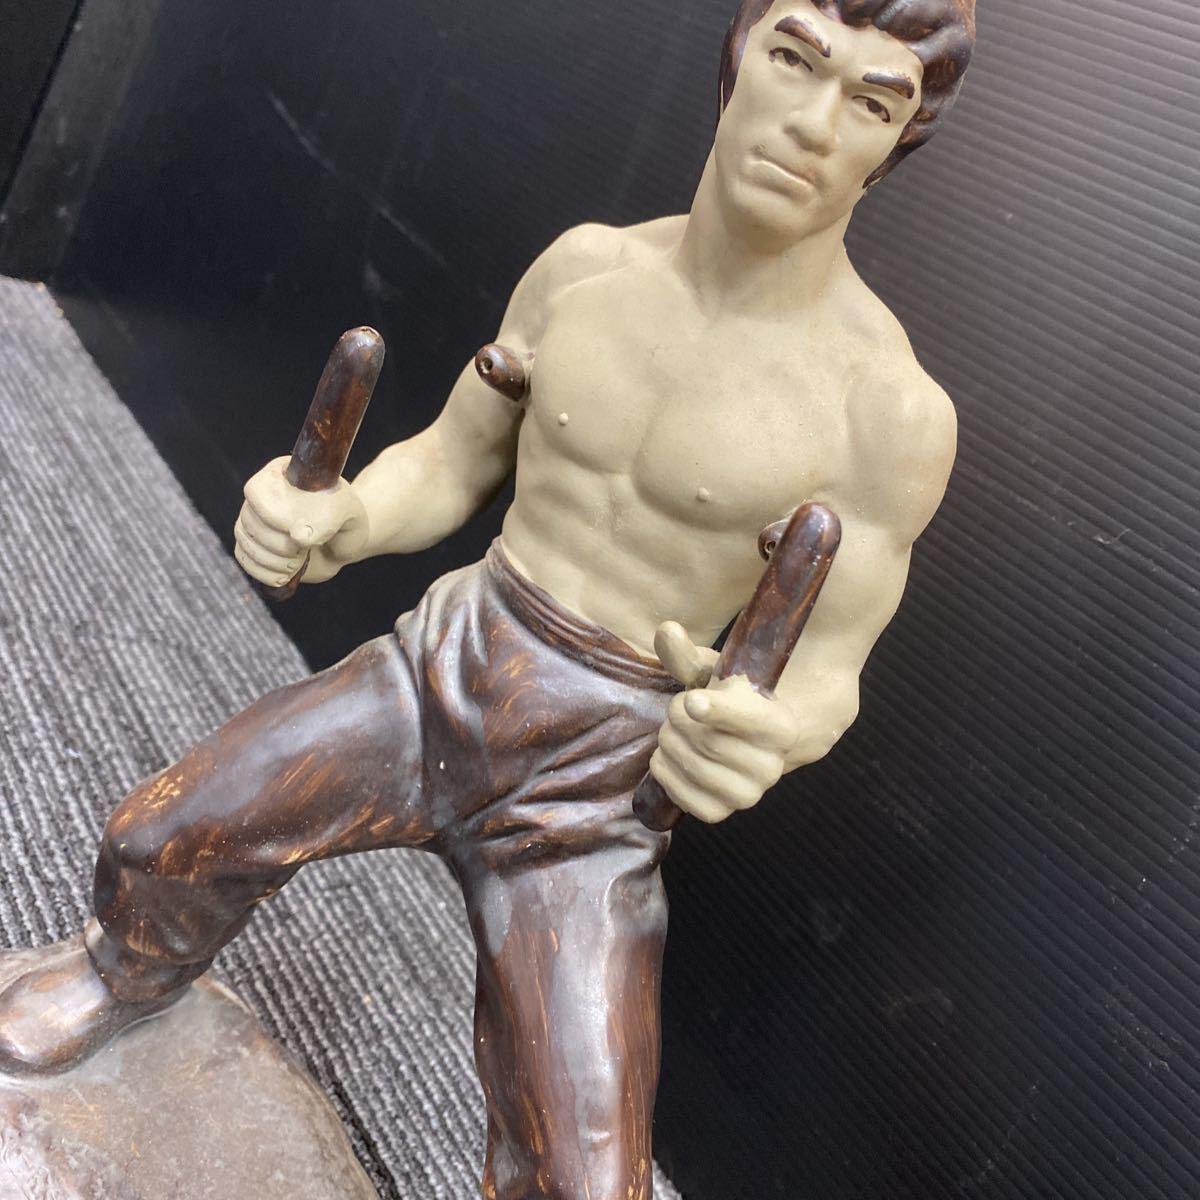 【美品】ブルース・リー 陶器 フィギュア 映画 李小龍 燃えよドラゴン 人形 デッドストック_画像3